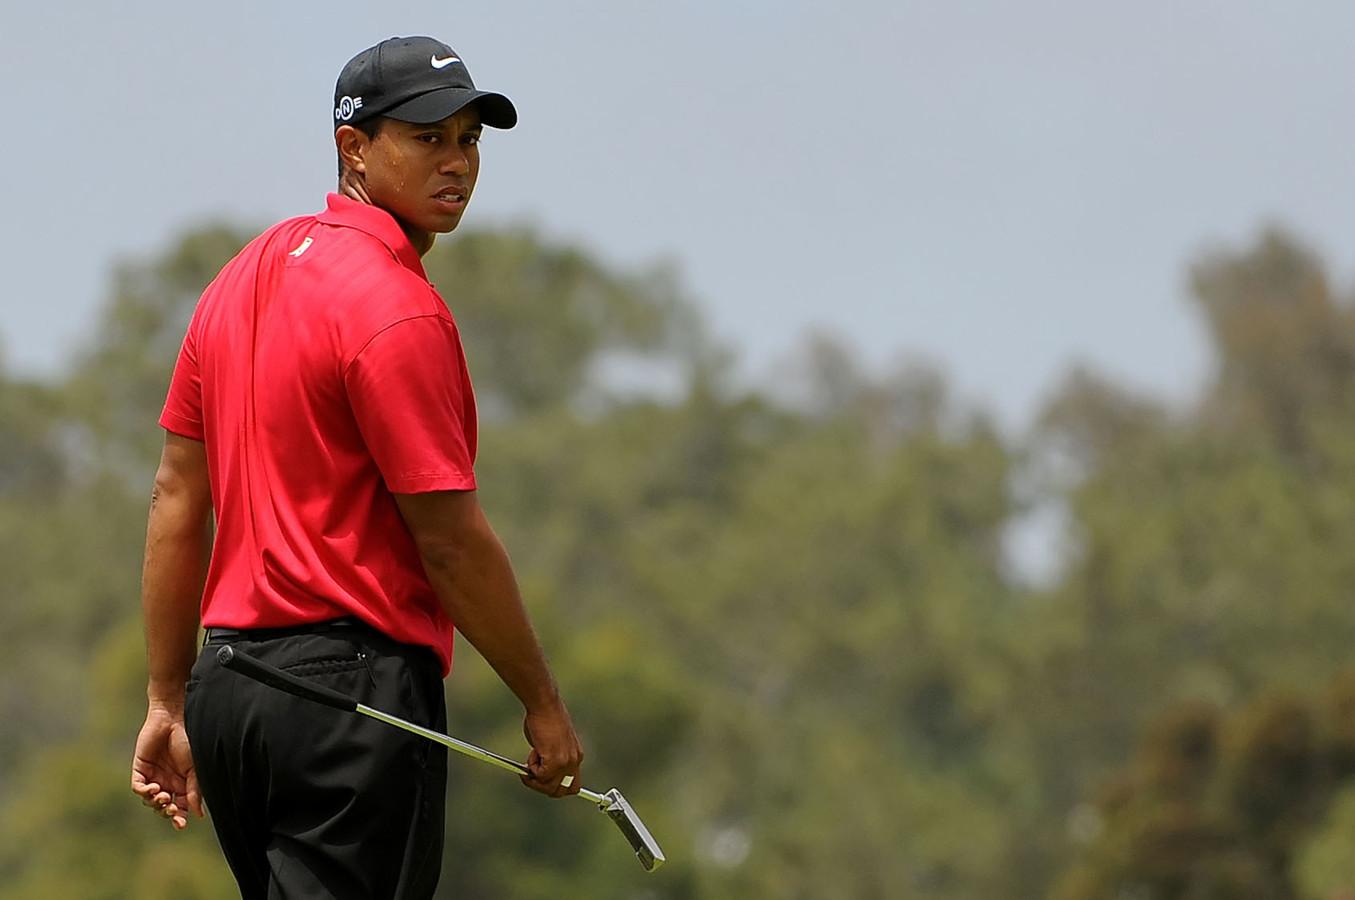 """Tiger Woods, victime d'un grave accident de voiture, a eu beaucoup de chance de s'en sortir vivant, selon le policier qui a découvert le champion blessé et prisonnier de sa voiture sérieusement endommagée. Mais le """"Tigre"""" pourra-t-il remonter sur les greens?"""